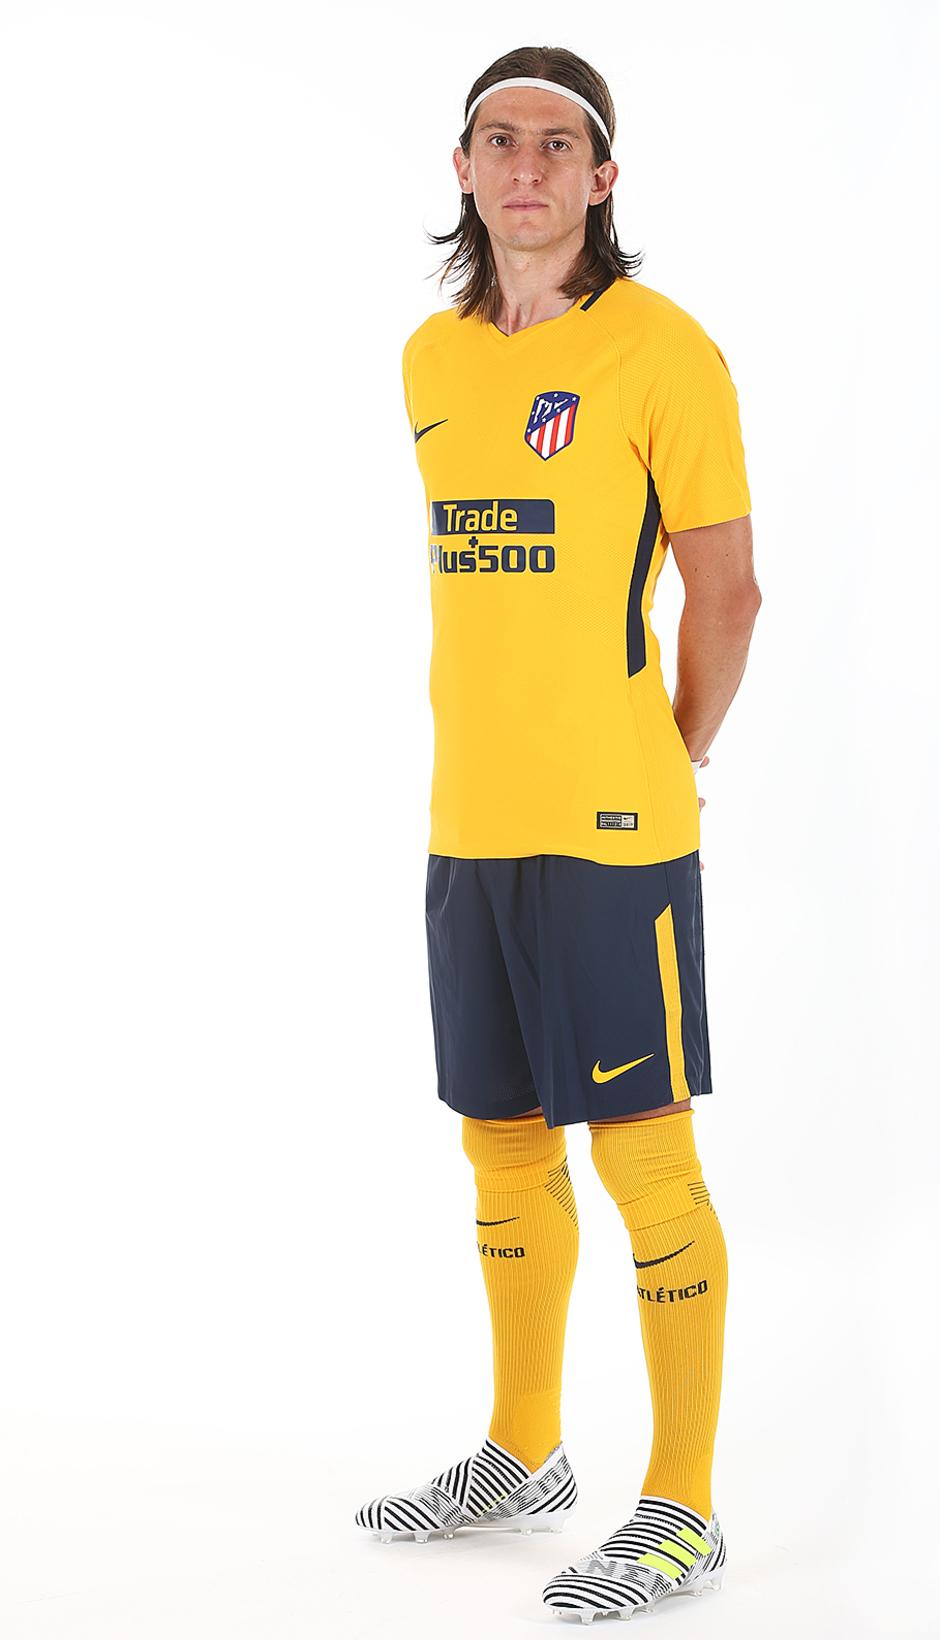 6c27dabf13 Camisa 2 do Atlético de Madrid - 2017 18 - 20 07 2021 - UOL Esporte